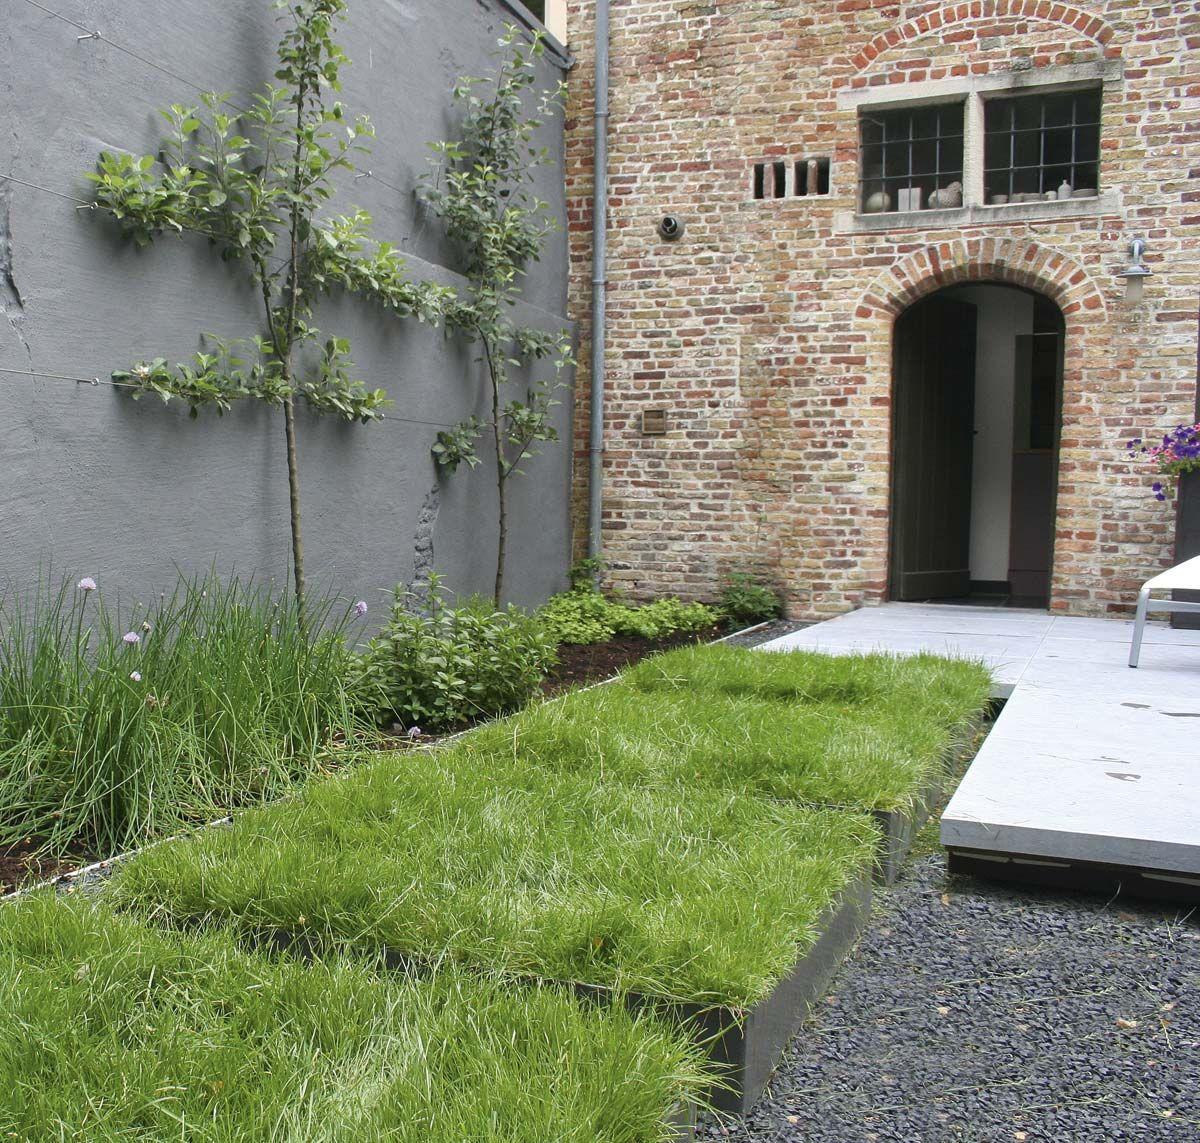 kleine strakke tuinen filip van damme gardens pinterest garten moderner garten und pflanzen. Black Bedroom Furniture Sets. Home Design Ideas